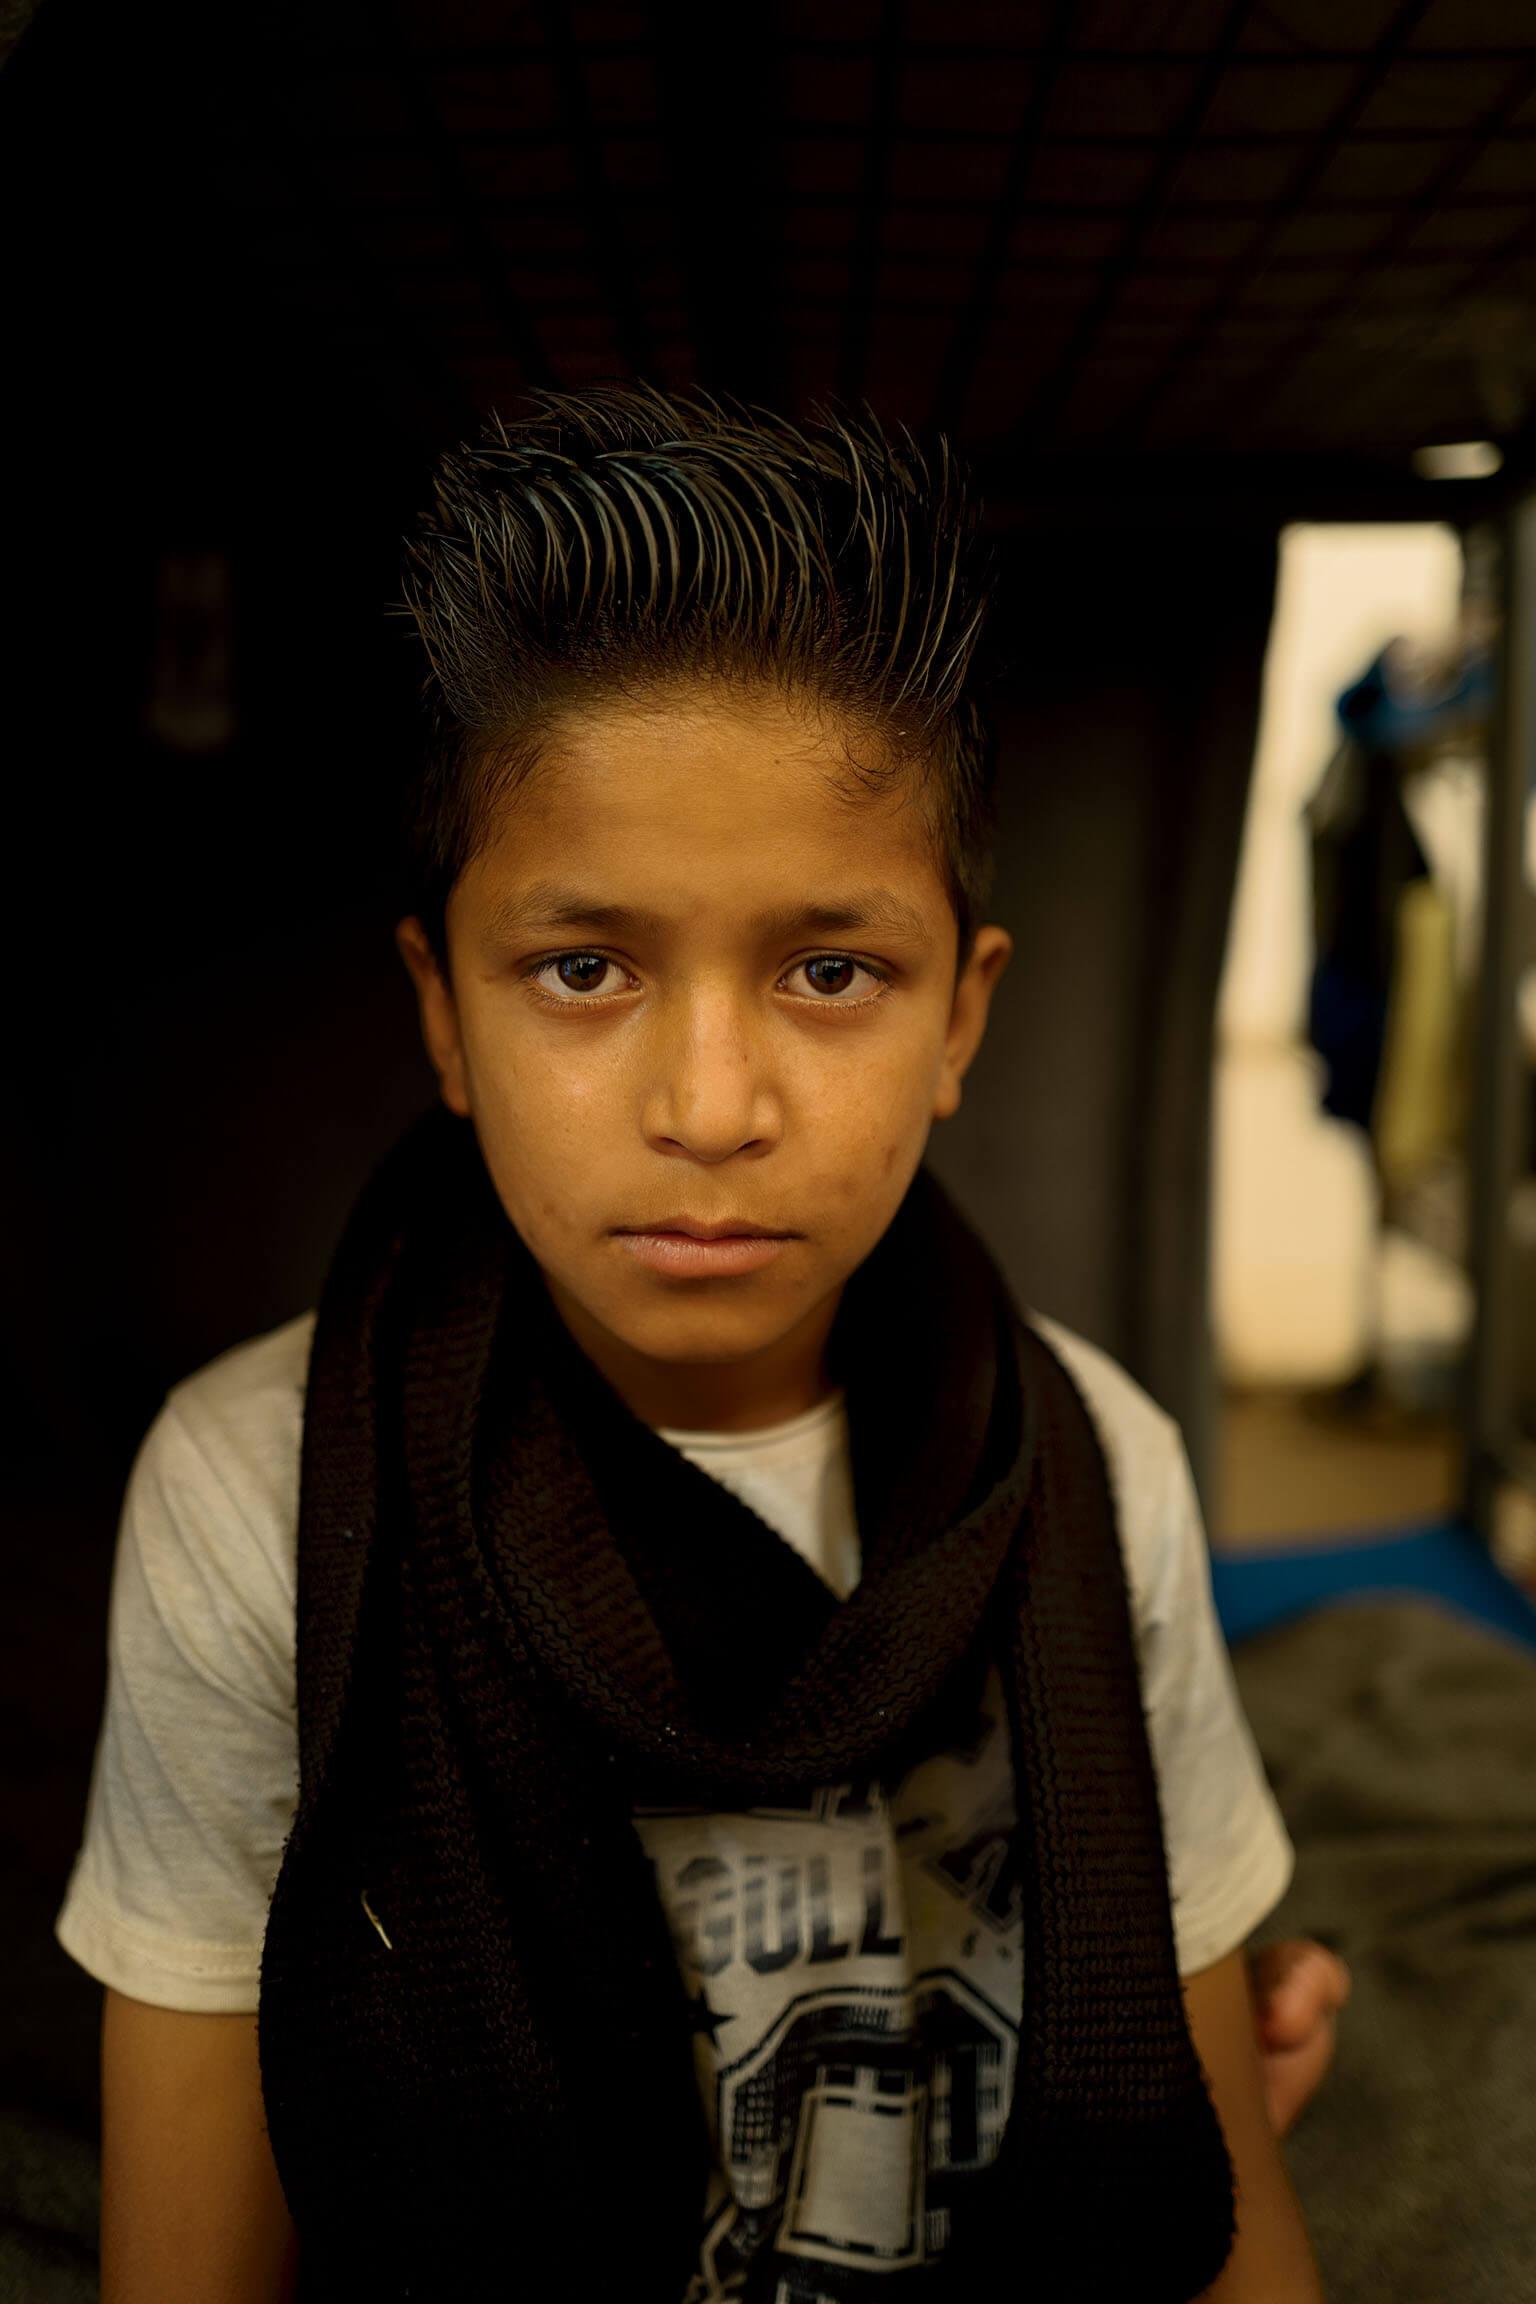 外表超齡的德拉加只有八歲,他沒有告訴在阿富汗的雙親他前往歐洲的旅程有多艱辛:「他們問我有沒有遇到困難,我說『沒有』,因為不想讓他們擔心。」 攝影:穆罕默德.穆赫森 MUHAMMED MUHEISEN